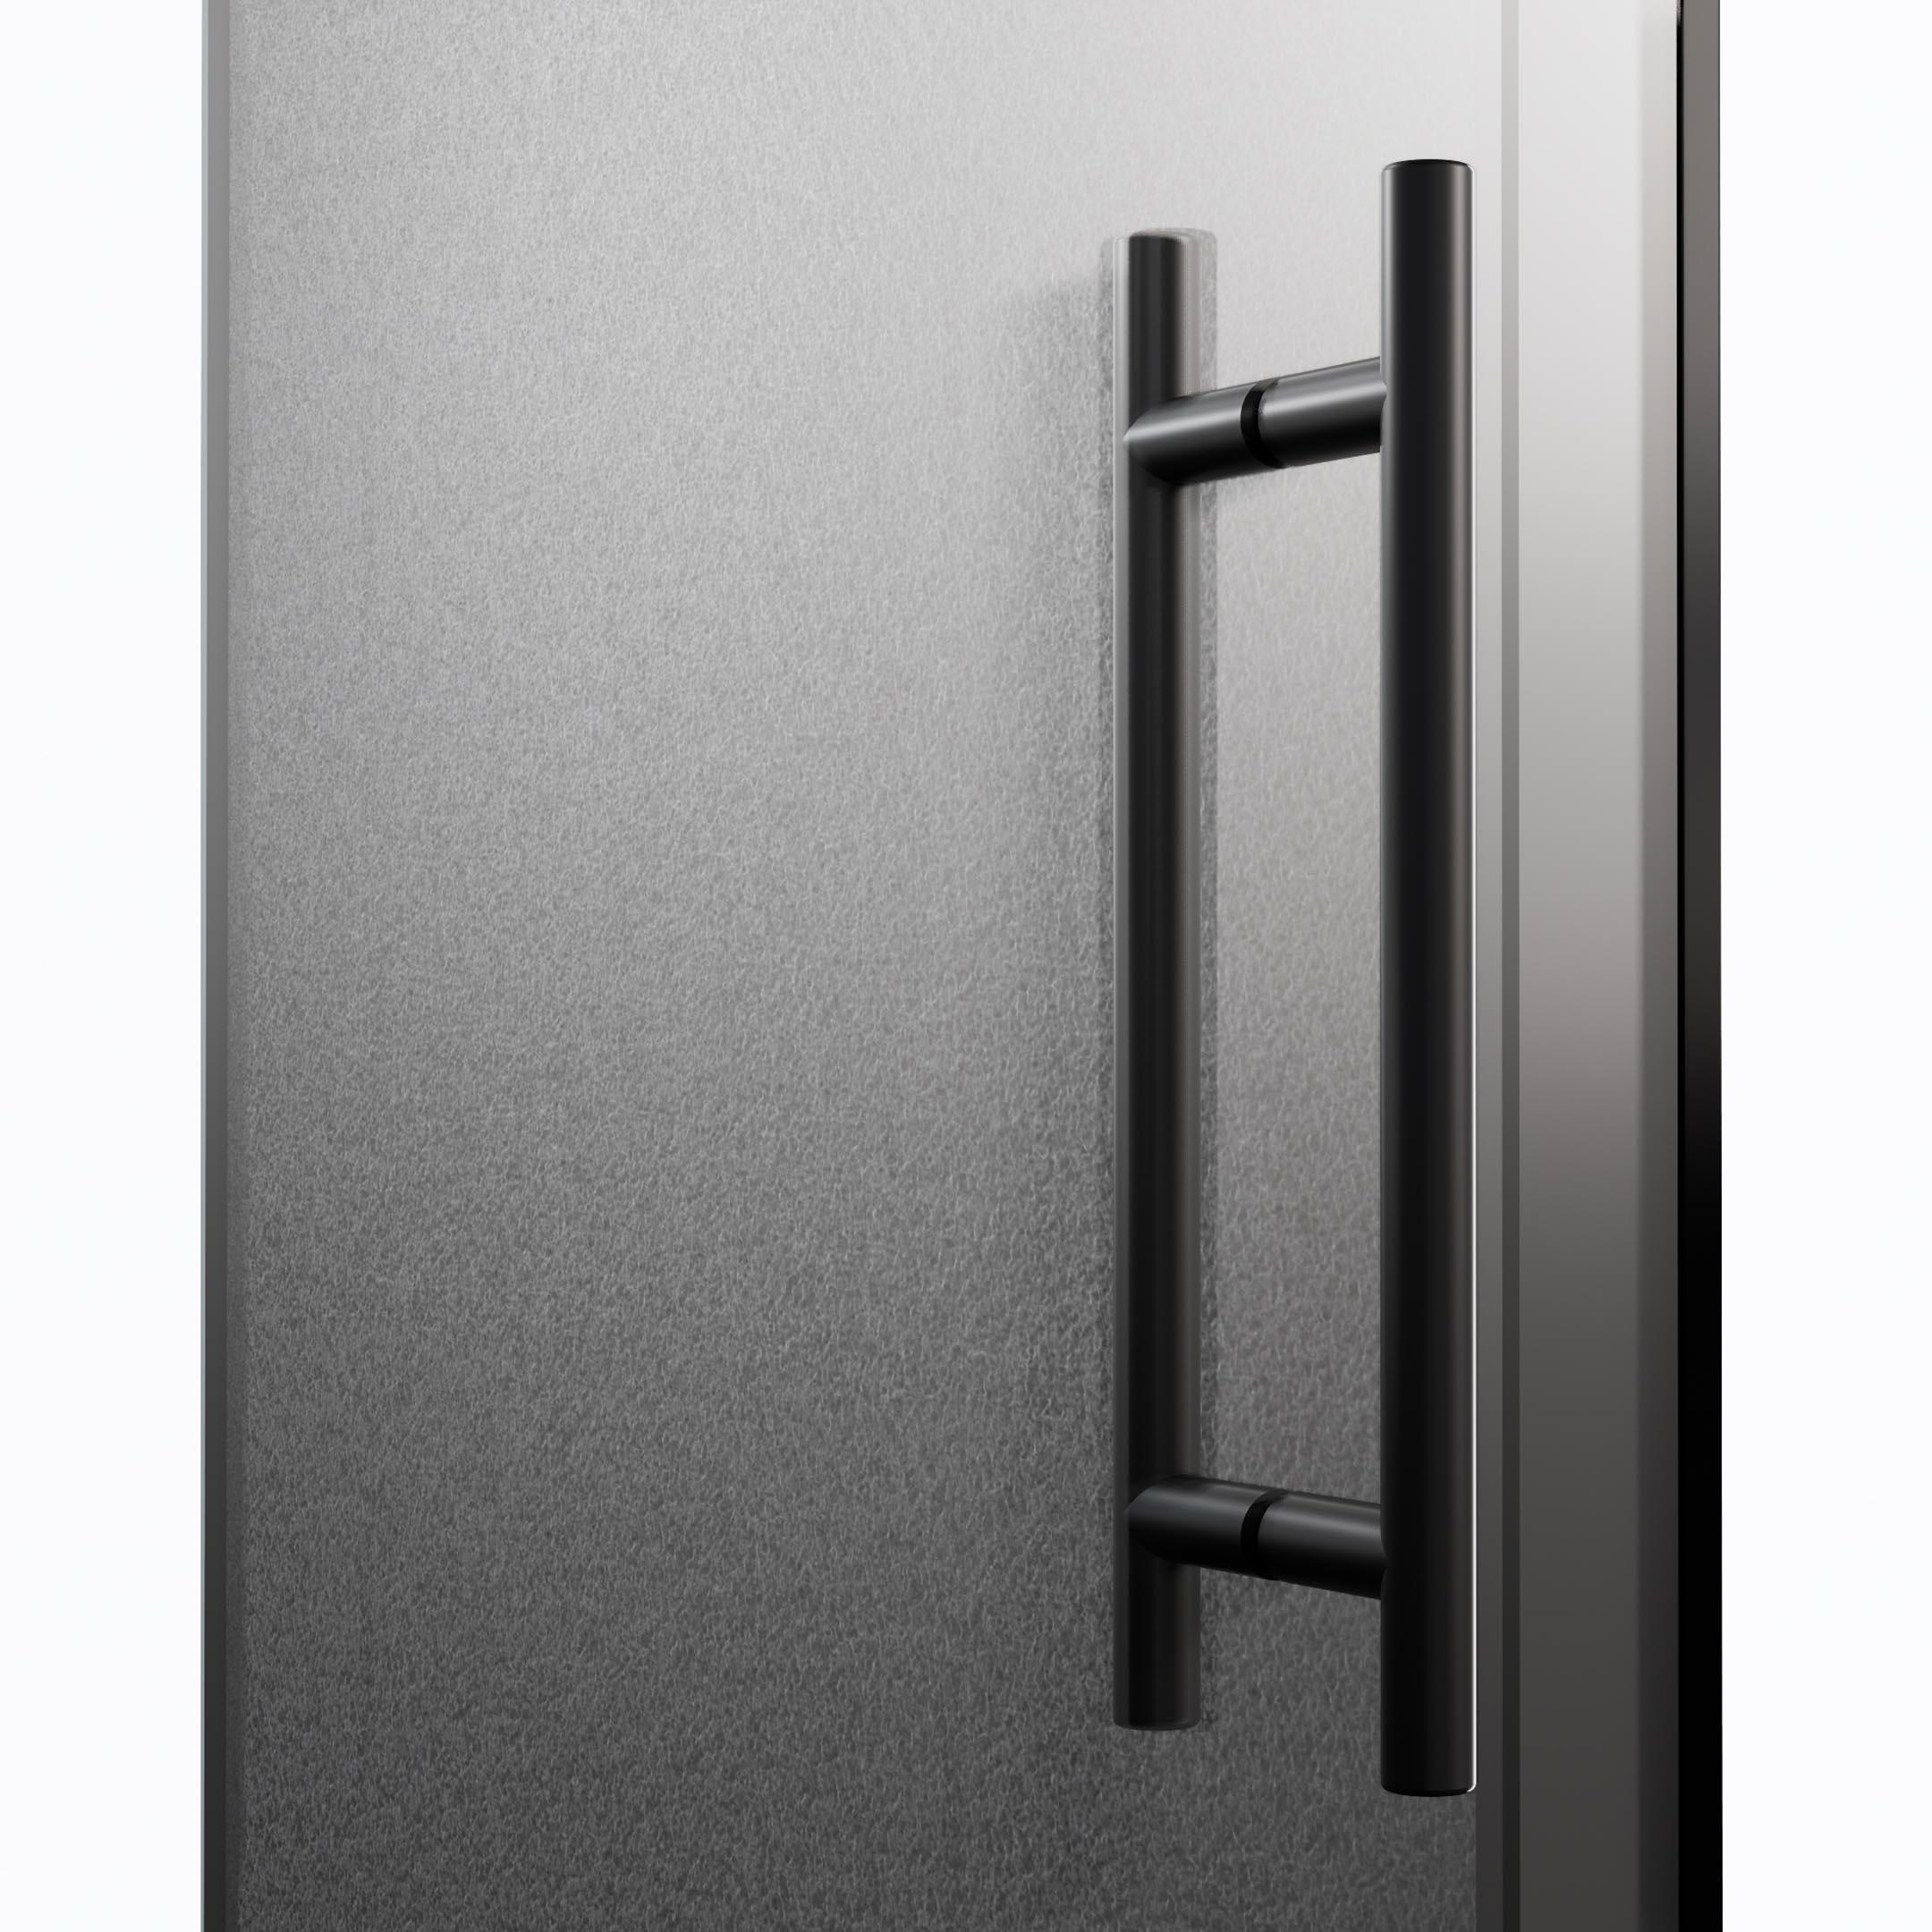 CHATBOX SINGLE-DOOR HANDLE